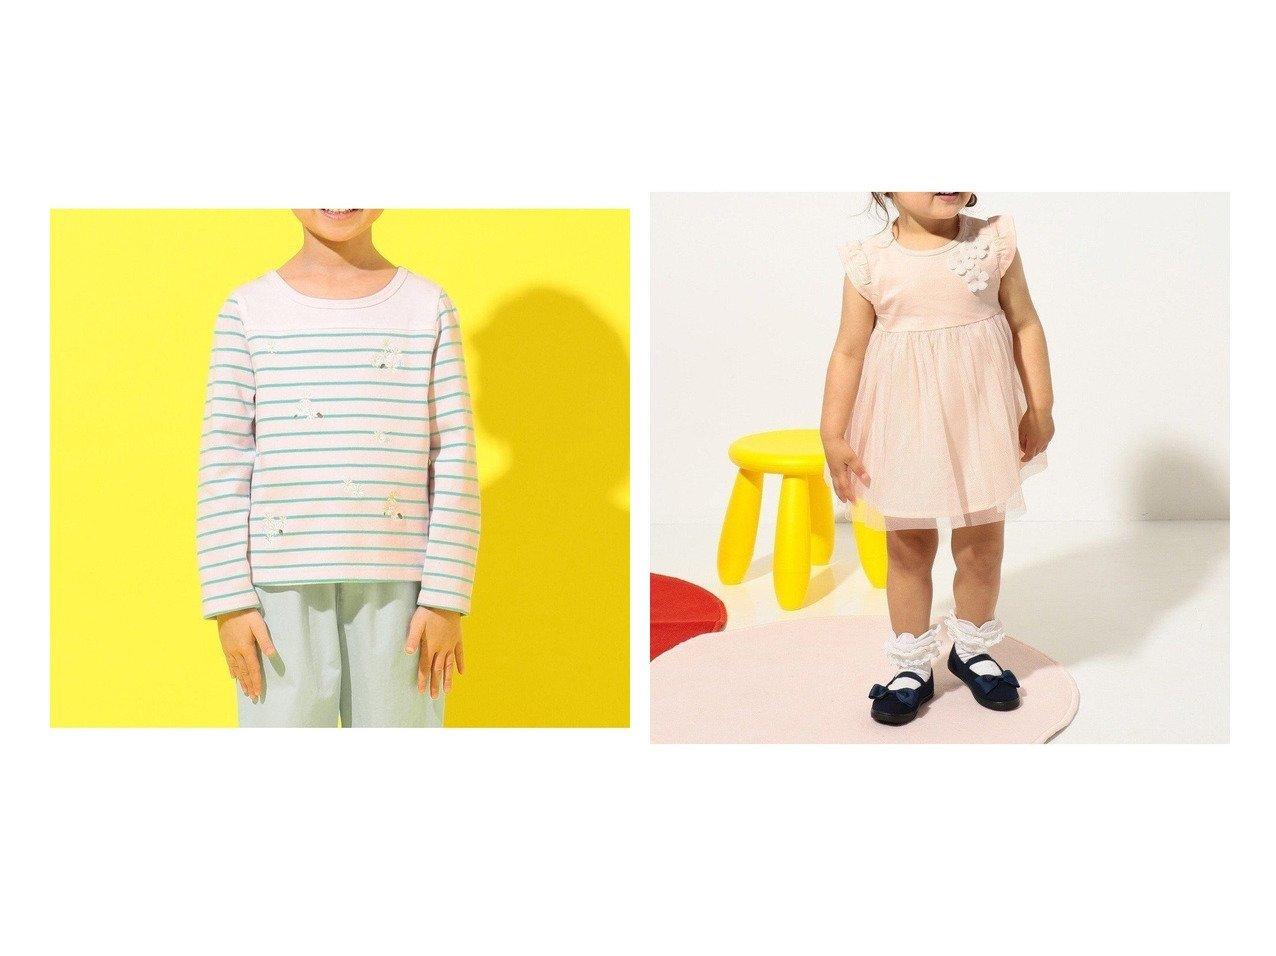 【KUMIKYOKU / KIDS/組曲】の【80-100cm】カミーユスムースチュール ワンピース&レーシーリボンカチューシャ 【KIDS】子供服のおすすめ!人気トレンド・キッズファッションの通販 おすすめで人気の流行・トレンド、ファッションの通販商品 インテリア・家具・メンズファッション・キッズファッション・レディースファッション・服の通販 founy(ファニー) https://founy.com/ ファッション Fashion キッズファッション KIDS ワンピース Dress/Kids 送料無料 Free Shipping アクセサリー ストーン リボン レース チュール ドレス フラワー フリル モチーフ  ID:crp329100000044715